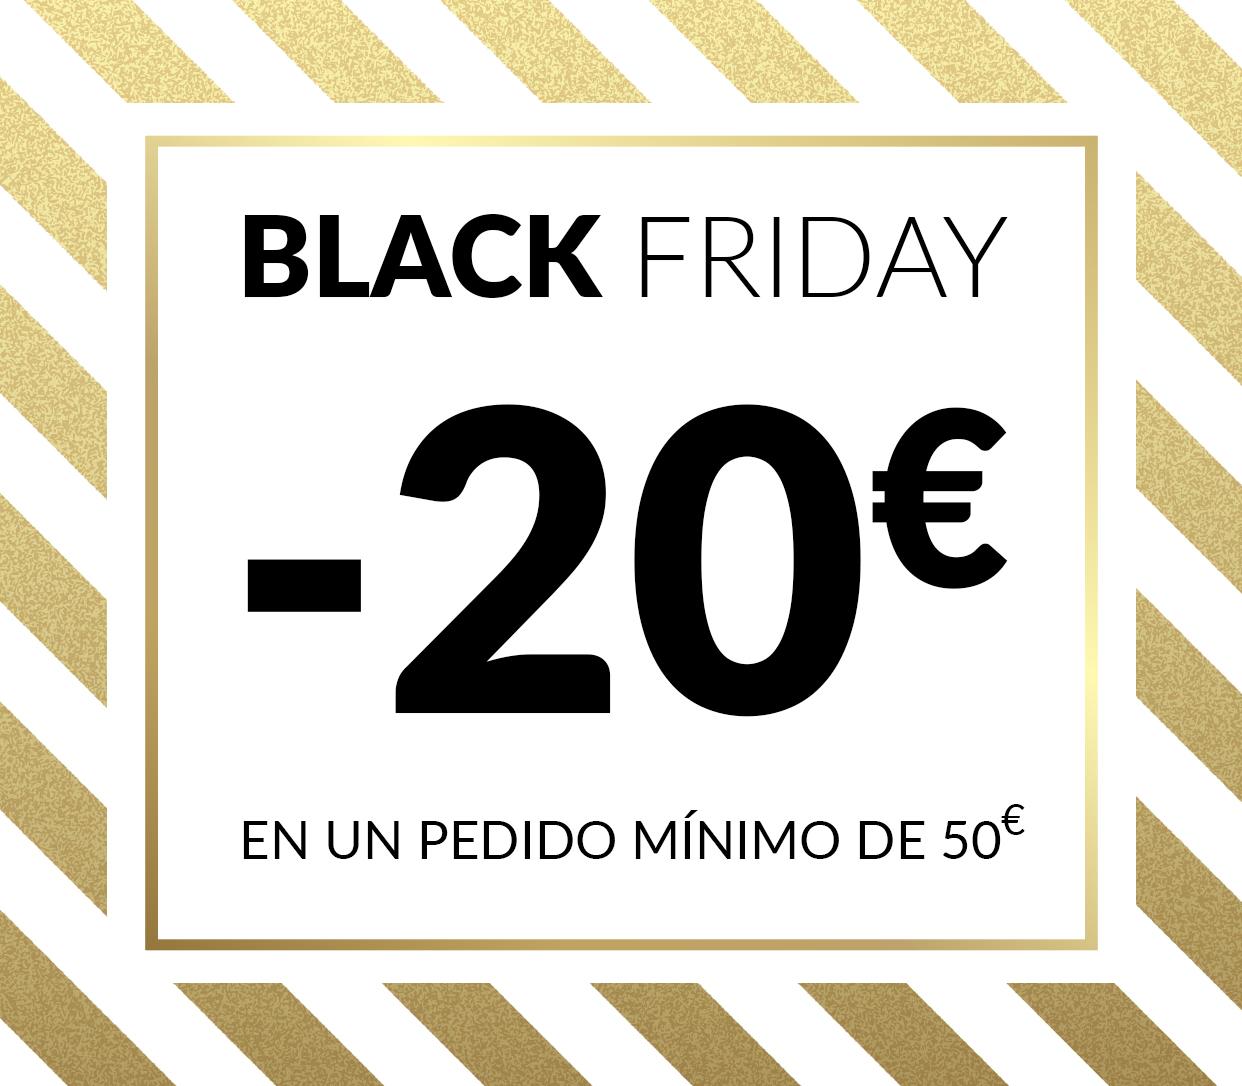 BLACK FRIDAY: 20 € de descuento en un pedido mínimo de 50 €